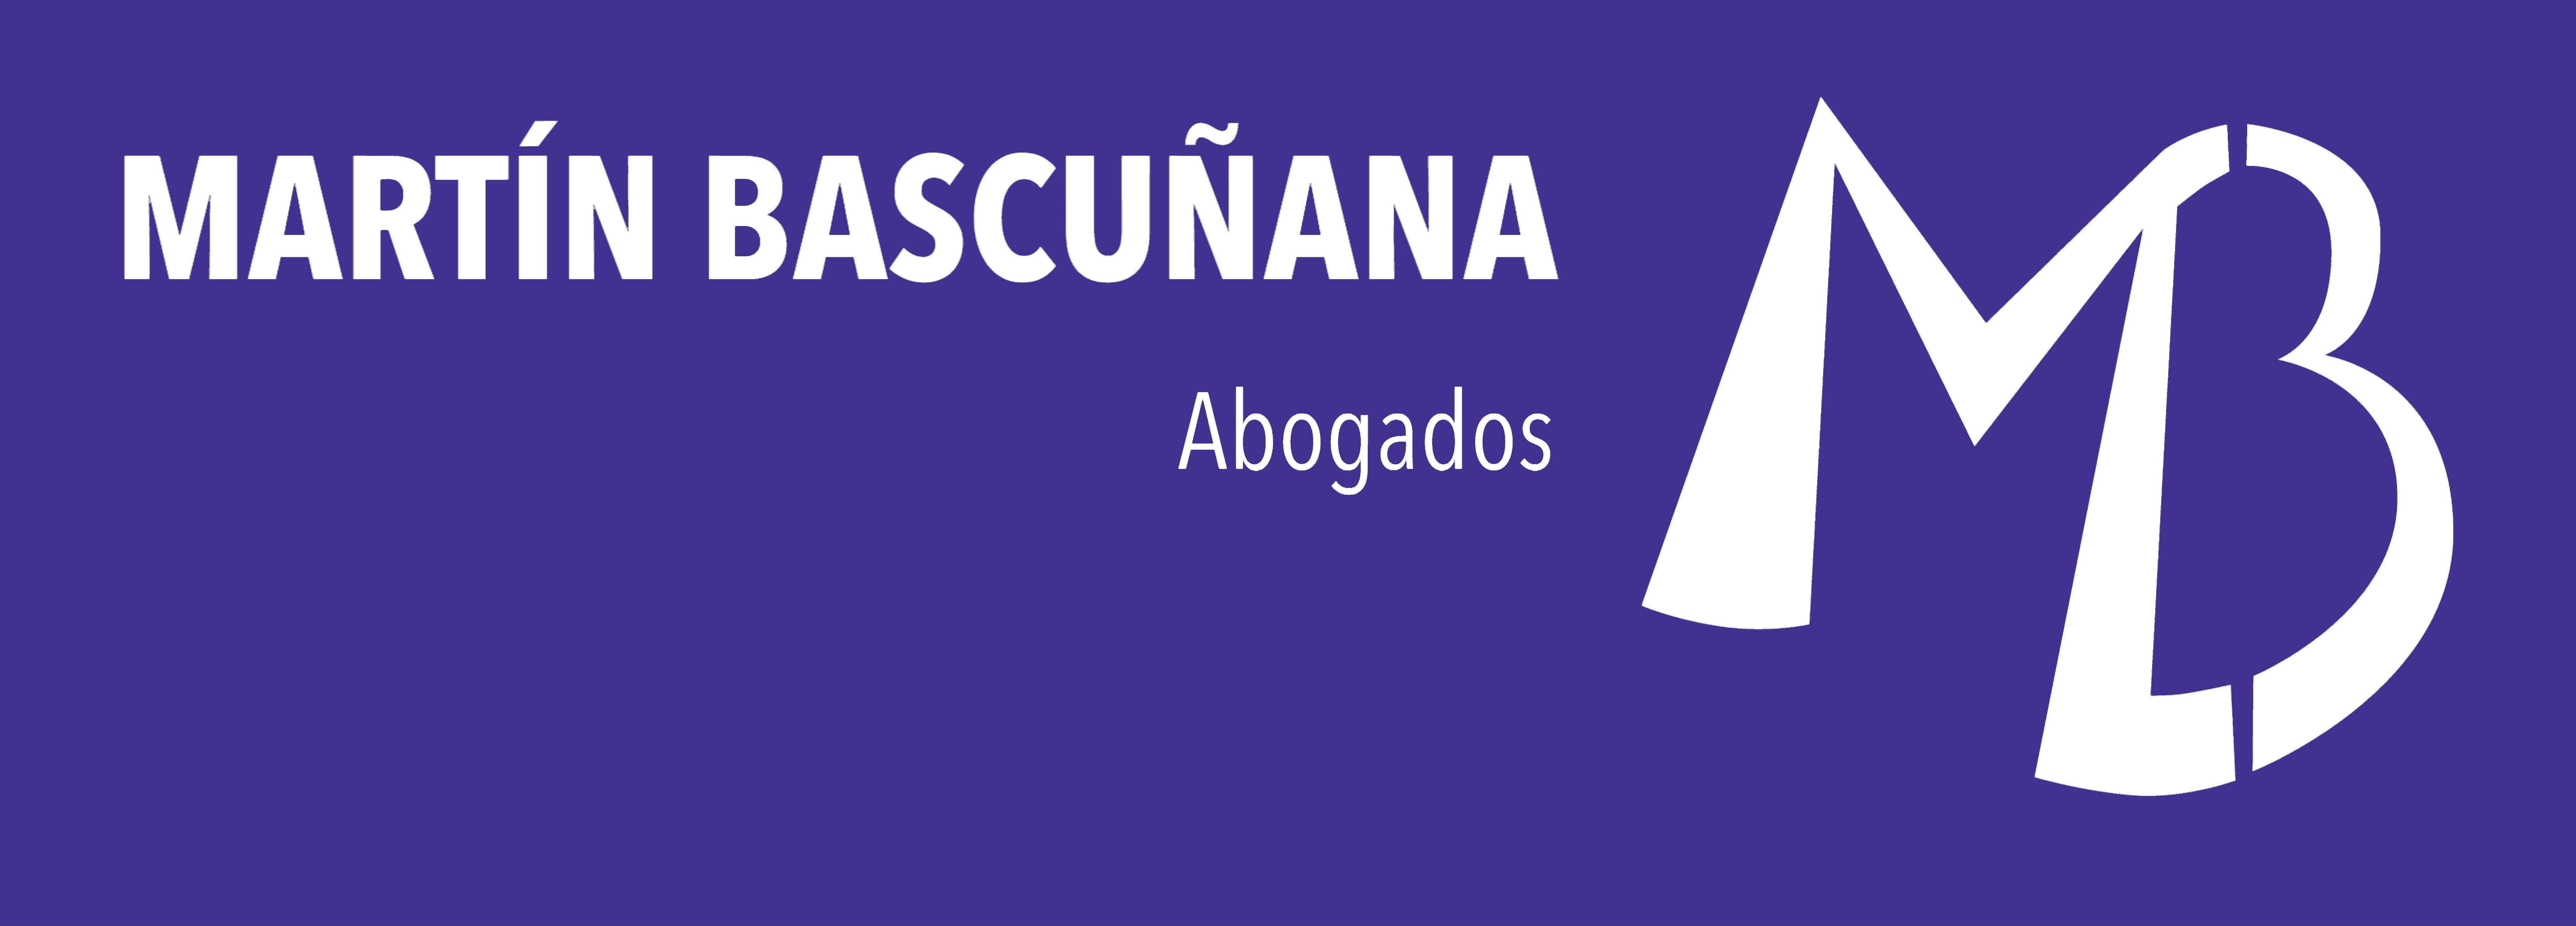 Logotipo MB Abogados 03